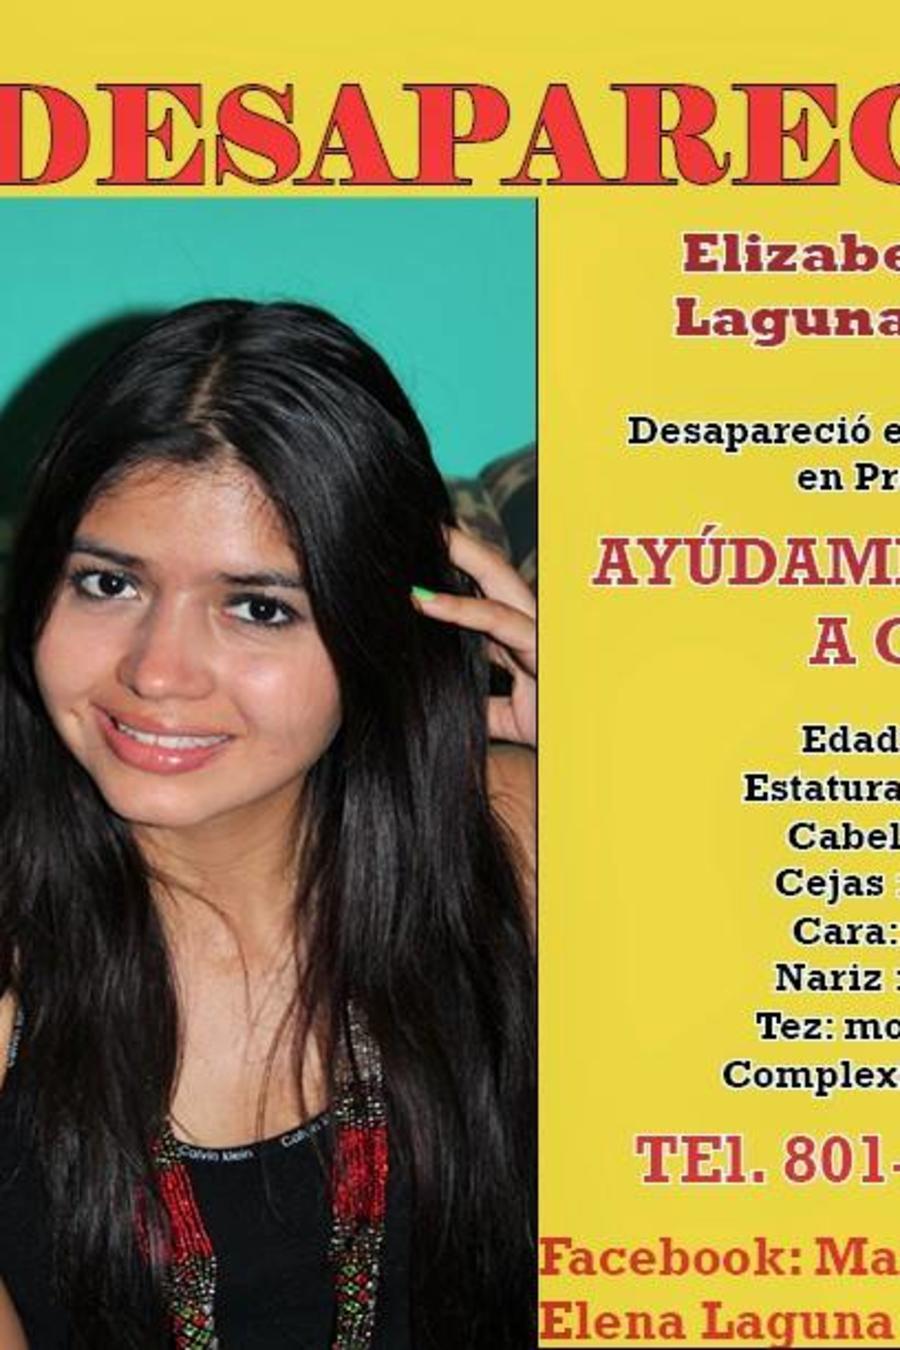 Cartel publicado durante la búsqueda de Elizabeth Elena Laguna Salgado.